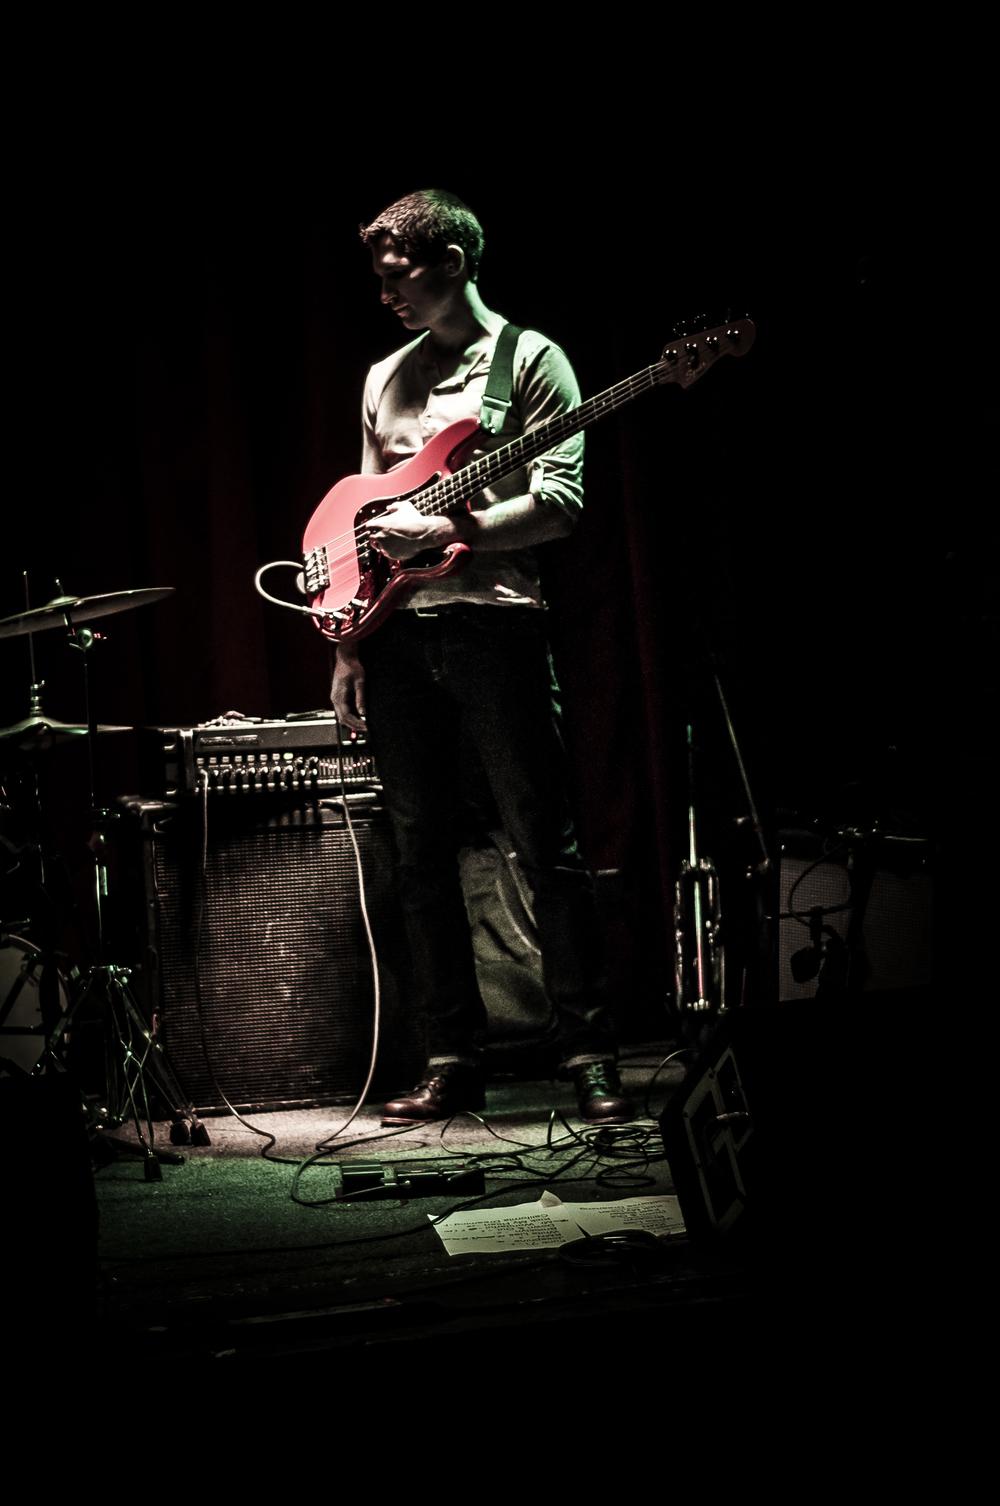 Spotlight the bassist